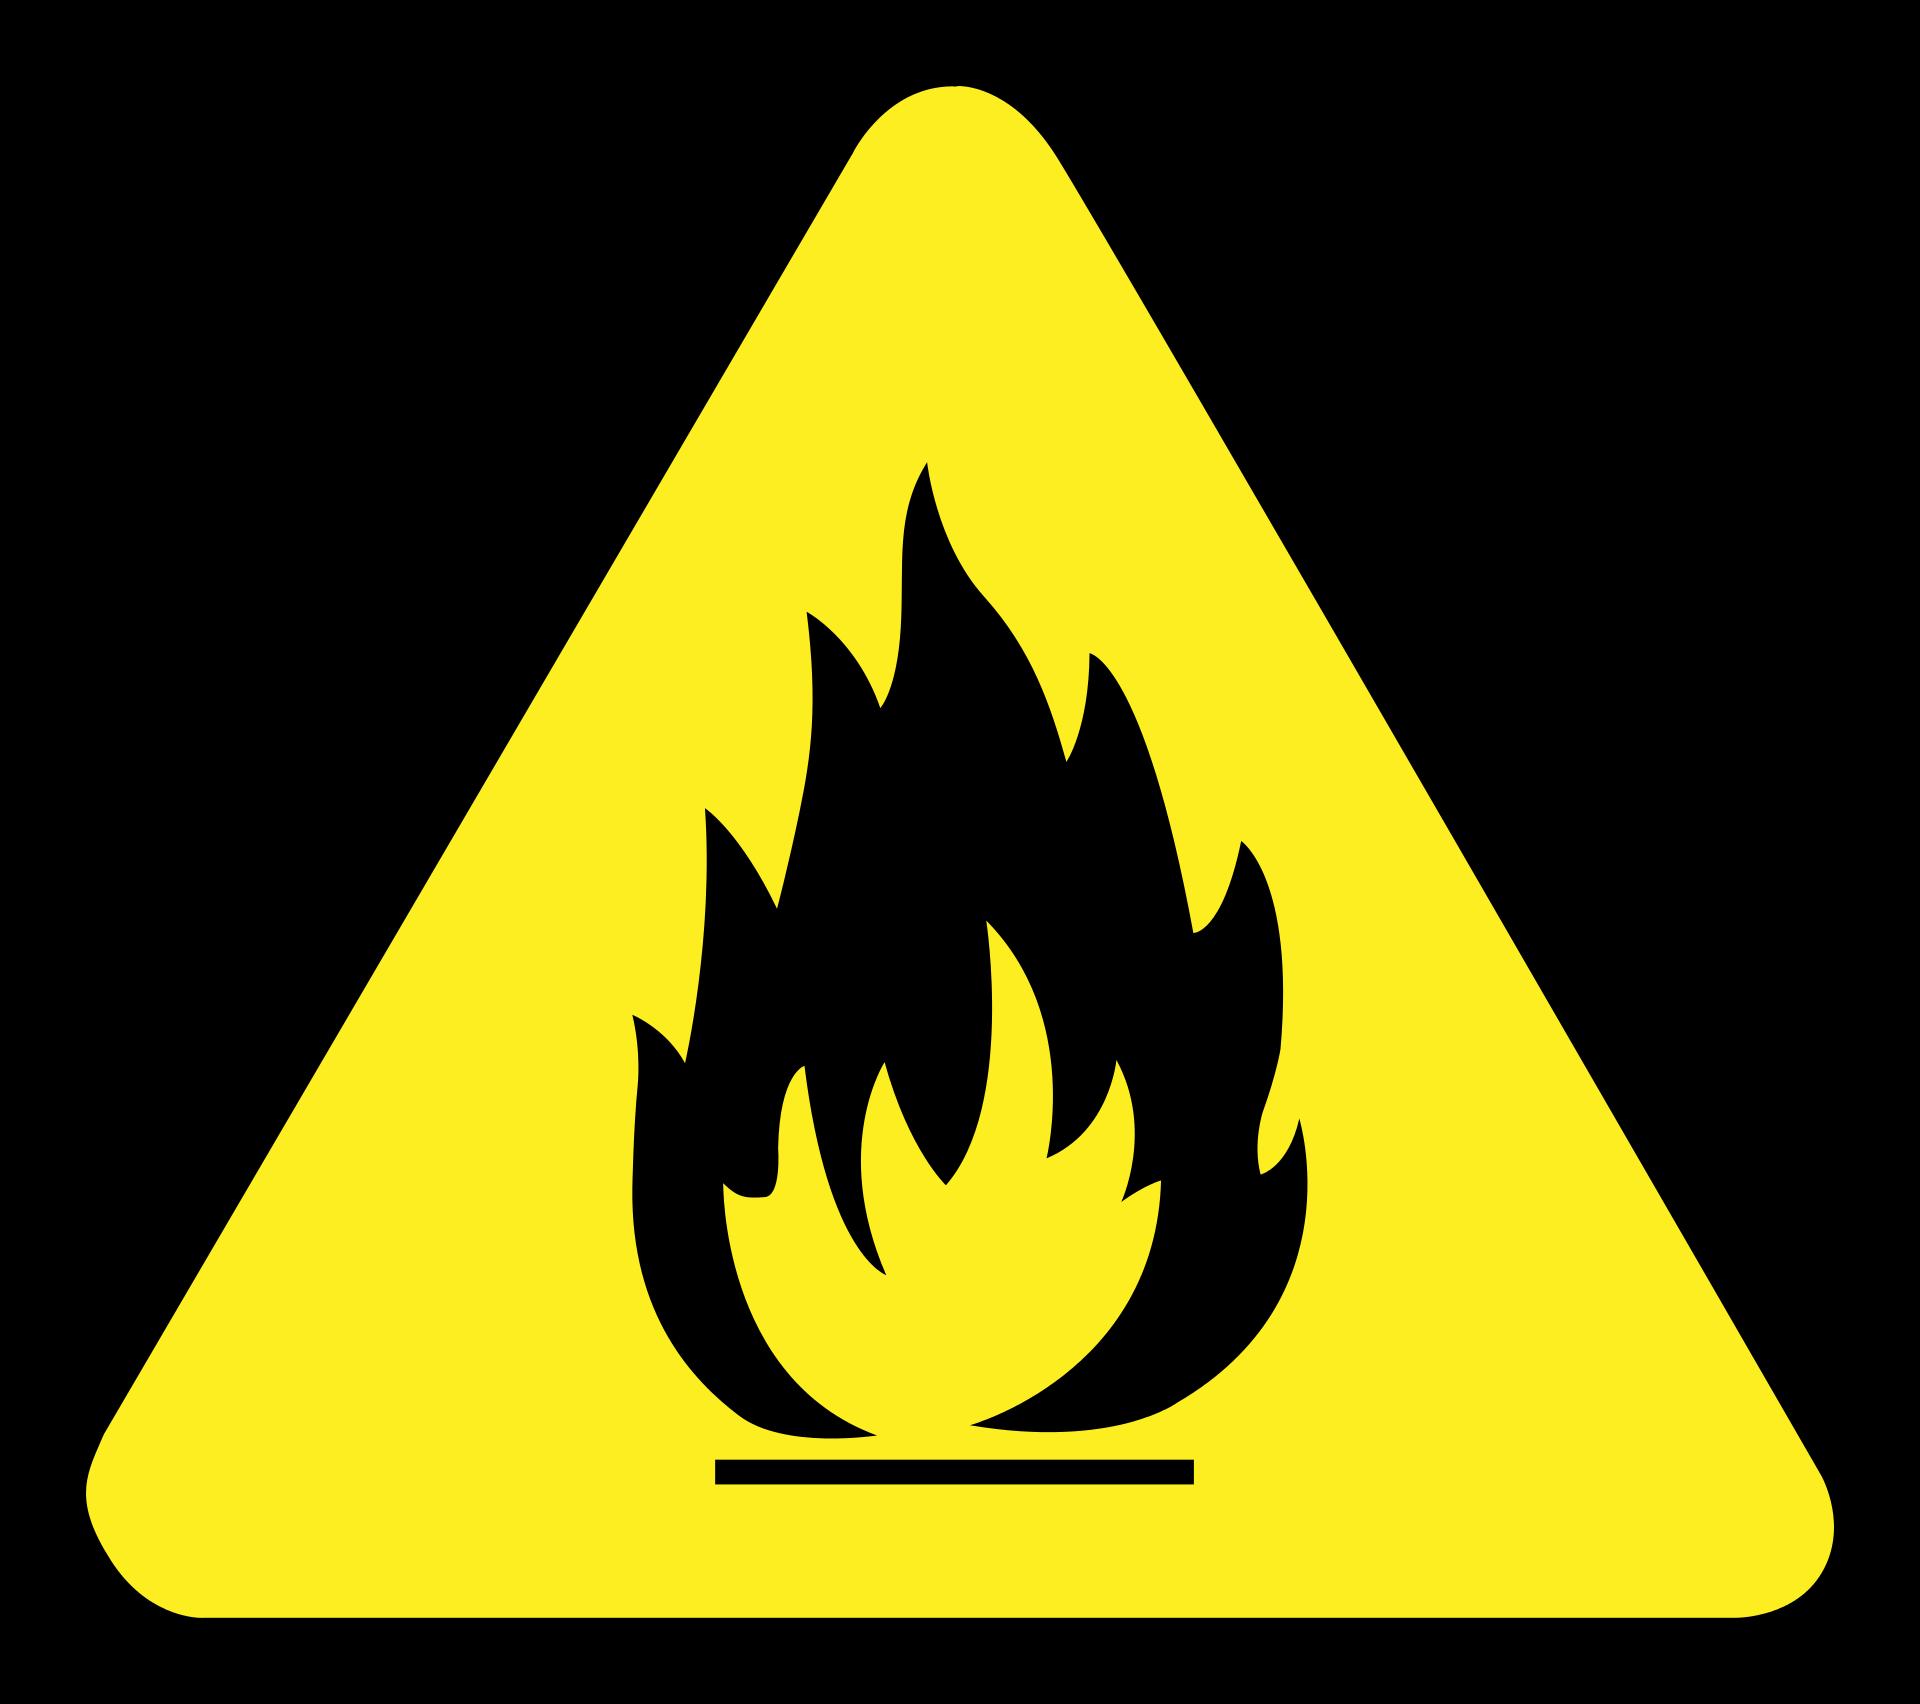 caution-1491550 Fire detection